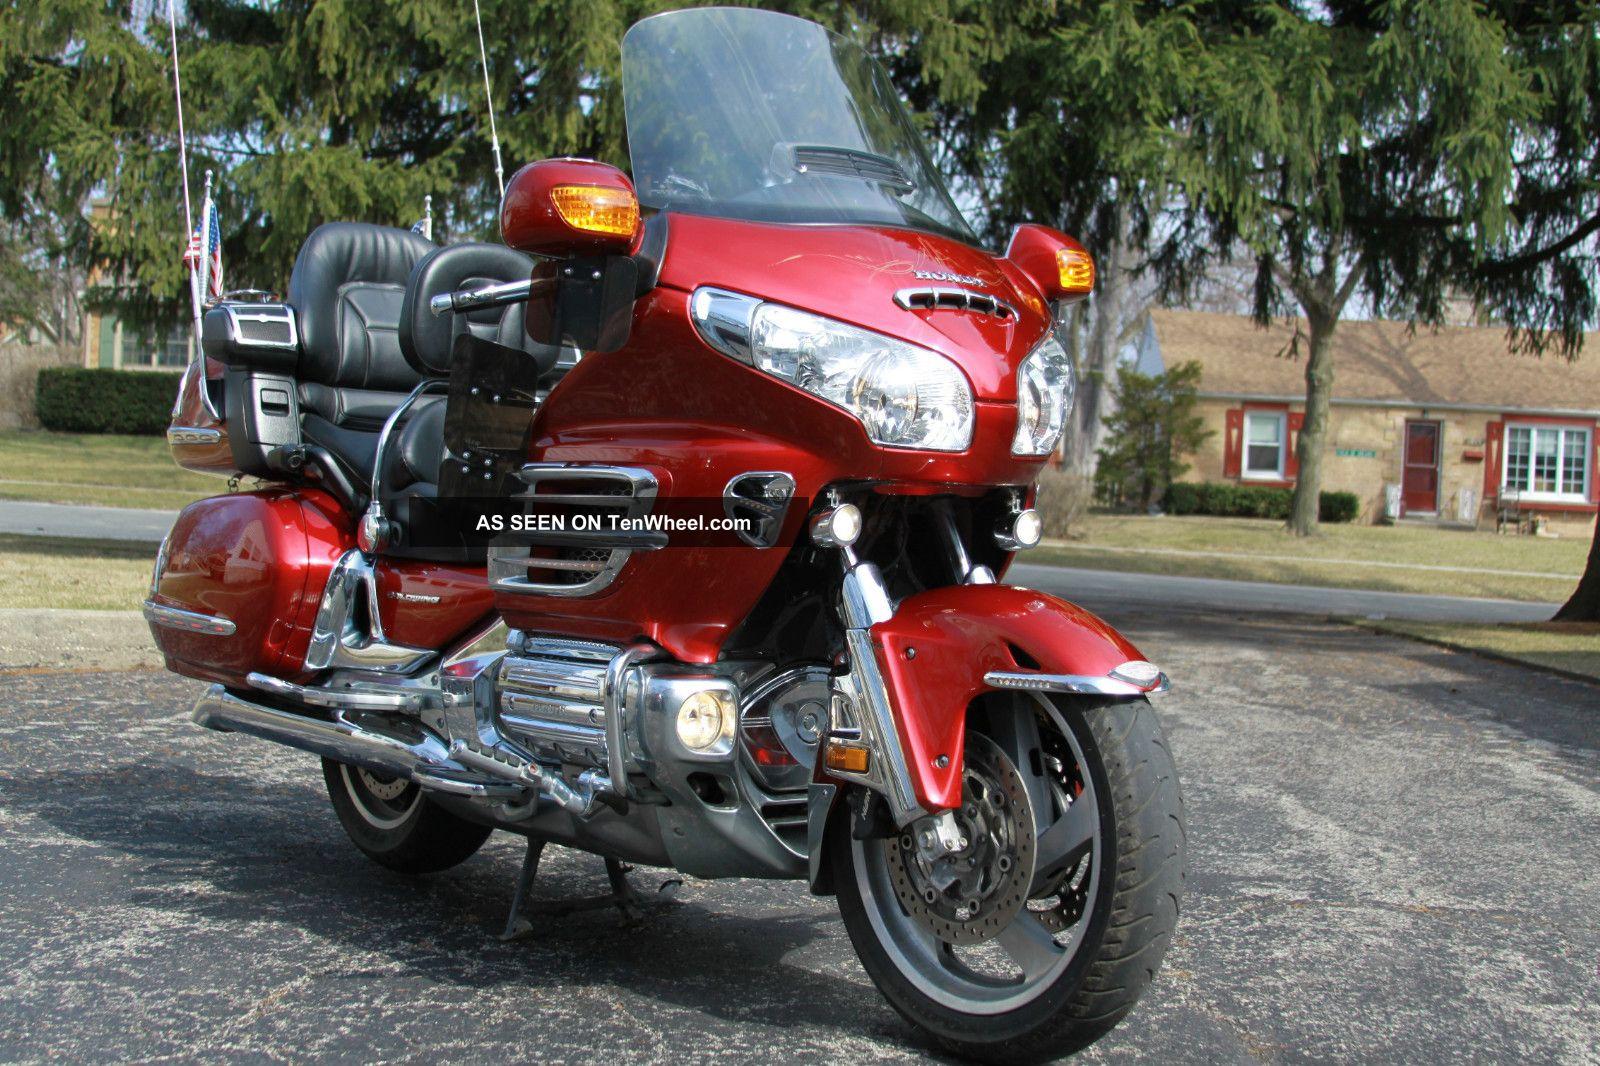 2008 Honda Gold Wing Gl1800 Navi Grips Cb Chrome Fog Lights